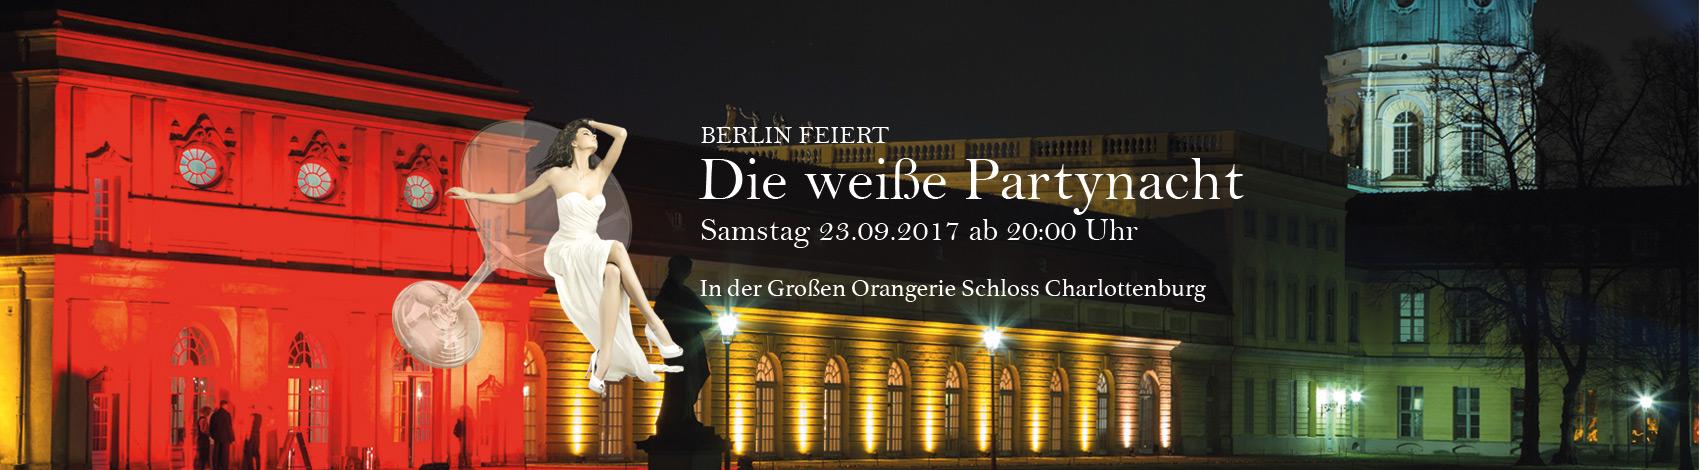 slider-weisse-partynacht-1